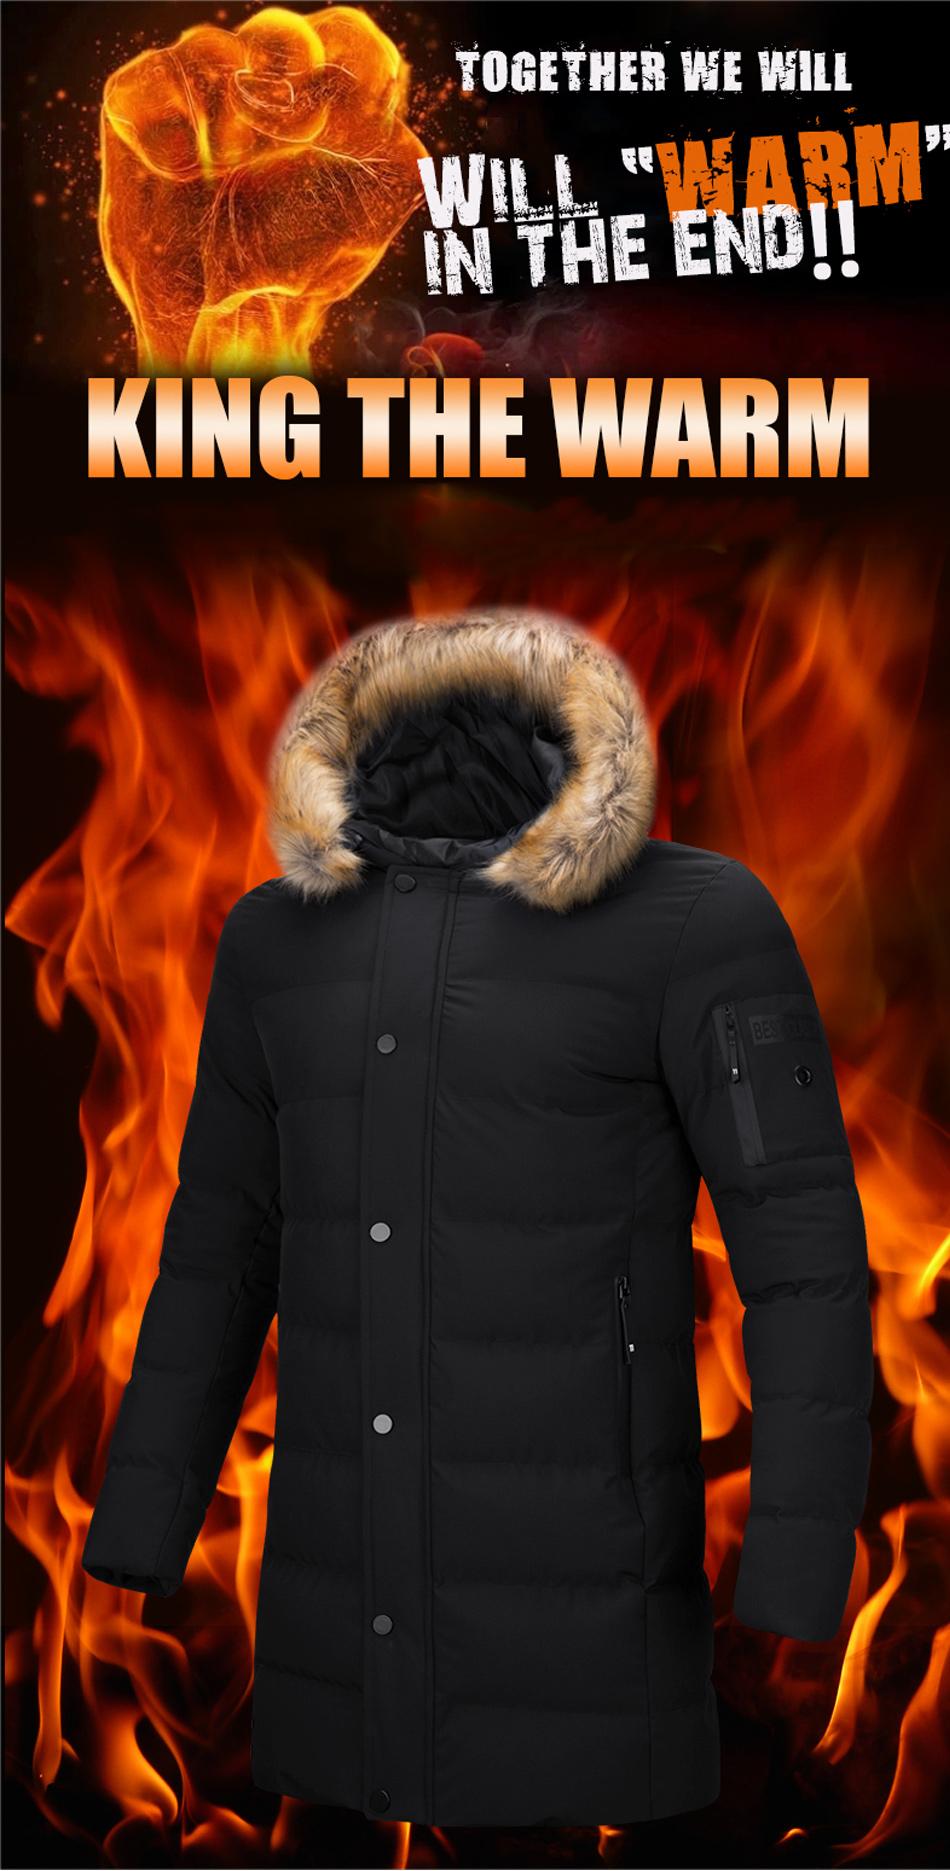 diffelement новинка 2017 года стиль длинное пальто для мужчин брендовая одежда модные длинные куртки пальто и пуховики бренд-одежда мужские пальто мех воротник пальто